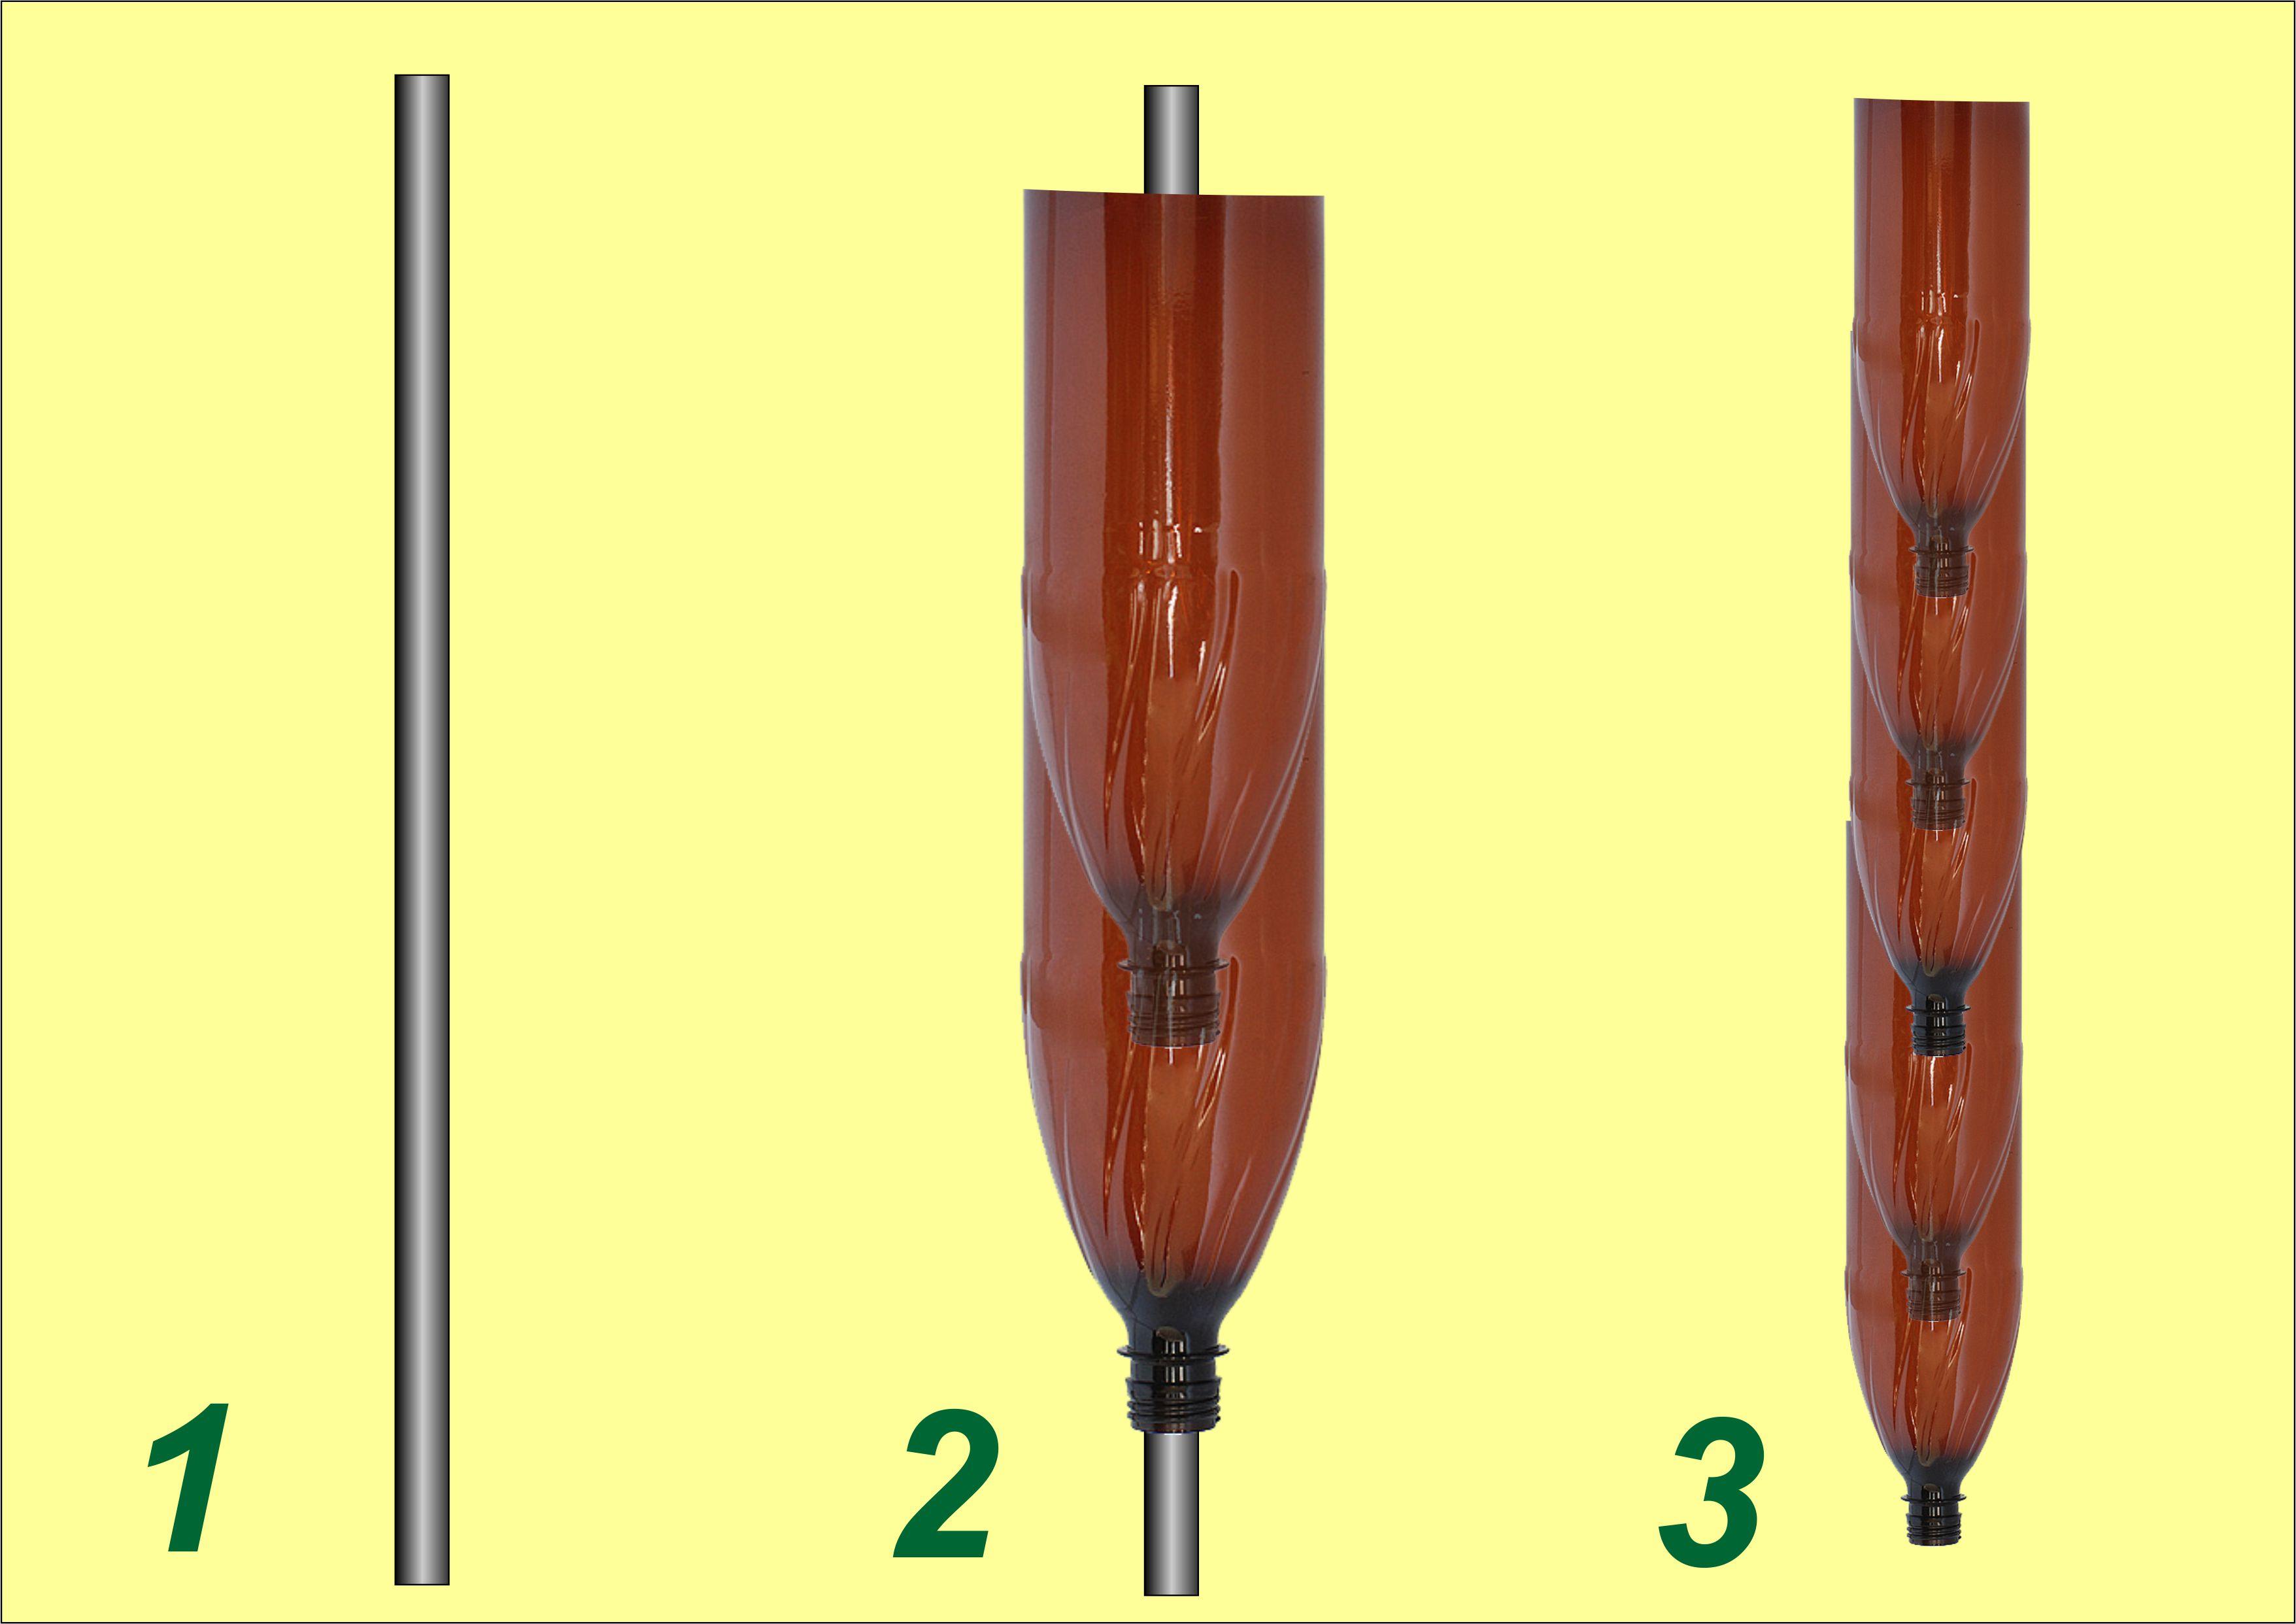 прут в три ствола